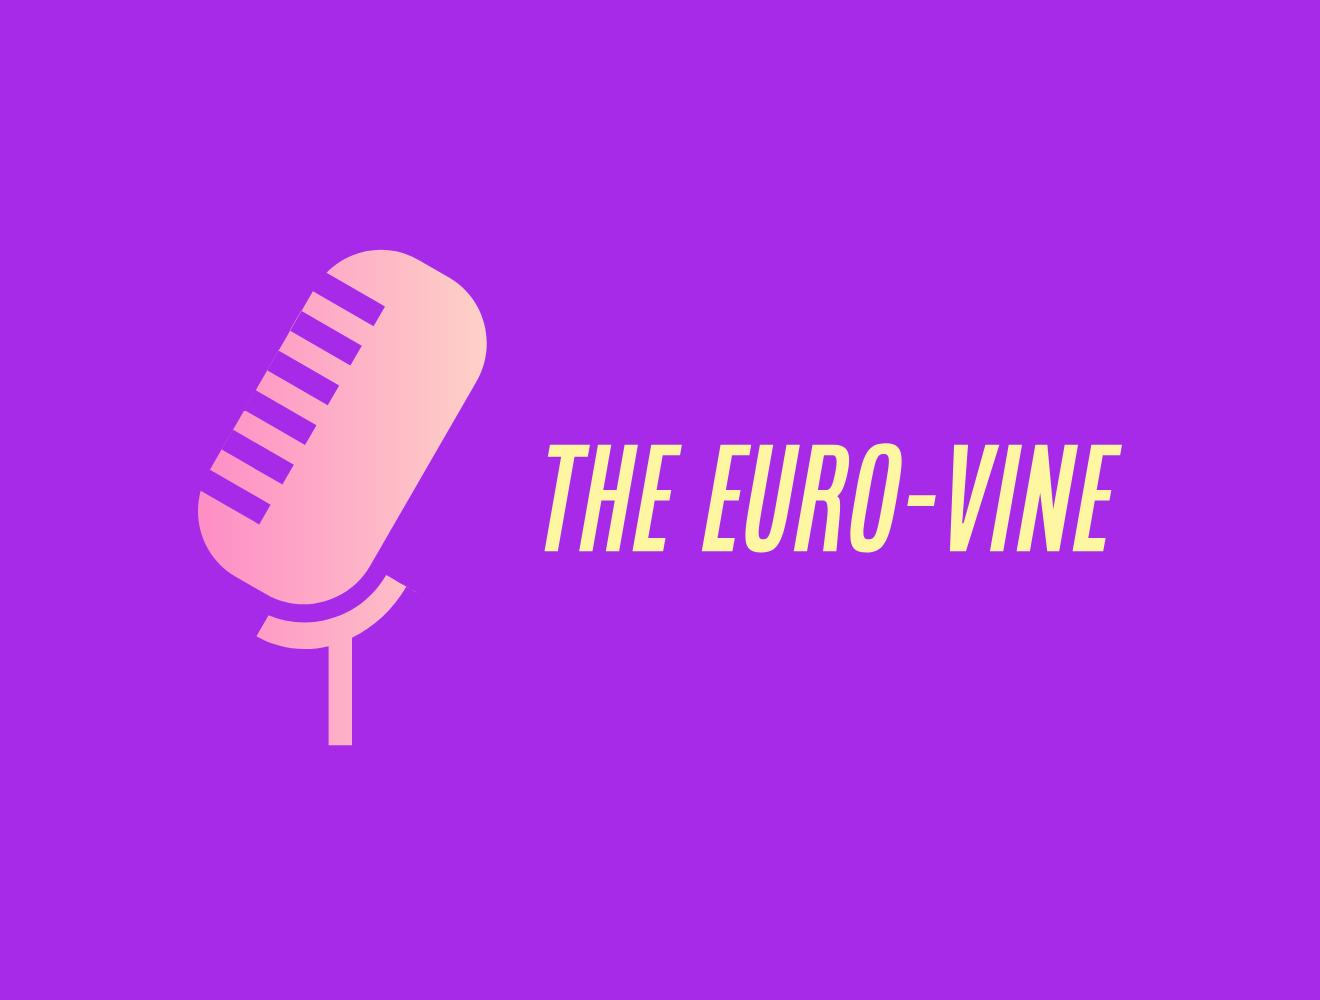 The Euro-Vine